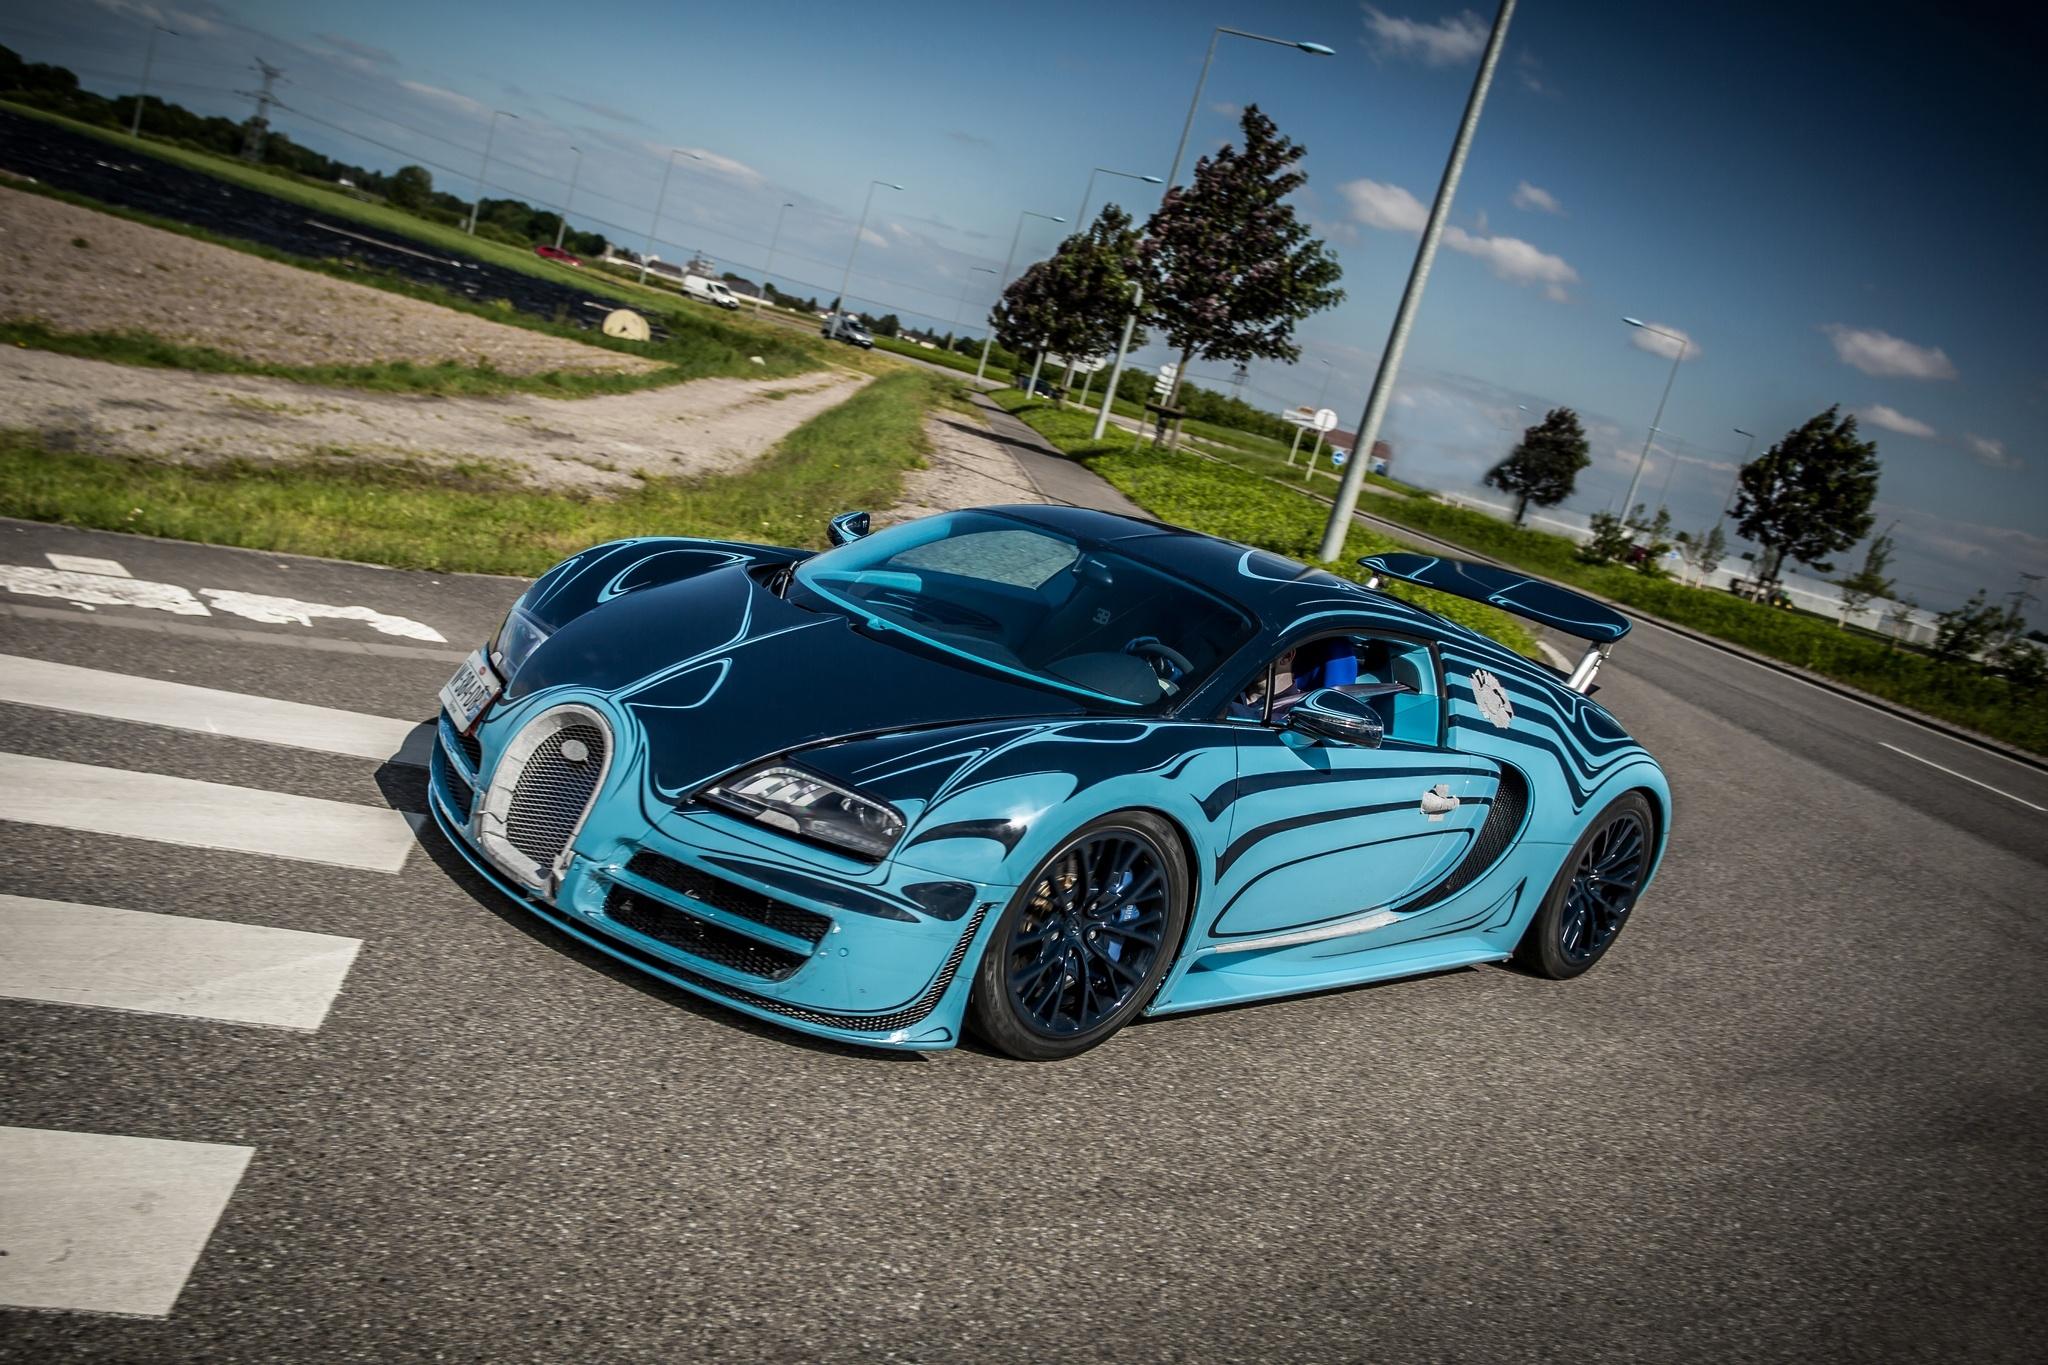 Bugatti Veyron Super Sport Full Hd Wallpaper: Wallpaper : Bugatti, Veyron, Super, Sport, Saphir Bleu